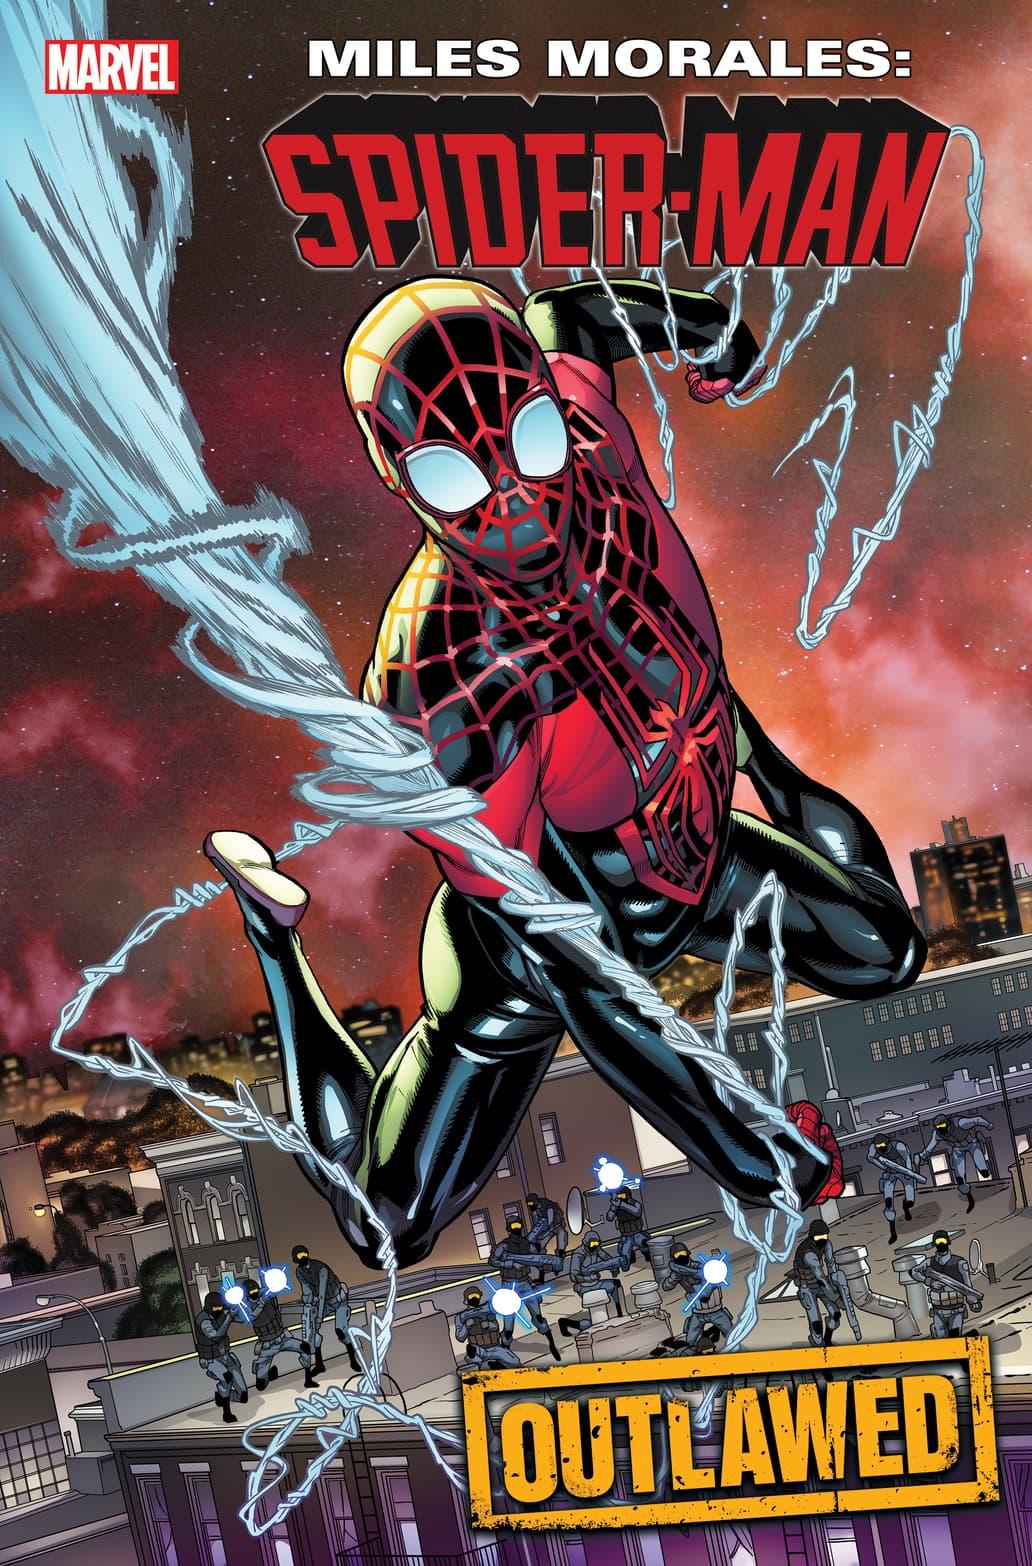 MILES MORALES: SPIDER–MAN #17 cover by Javier Garrón